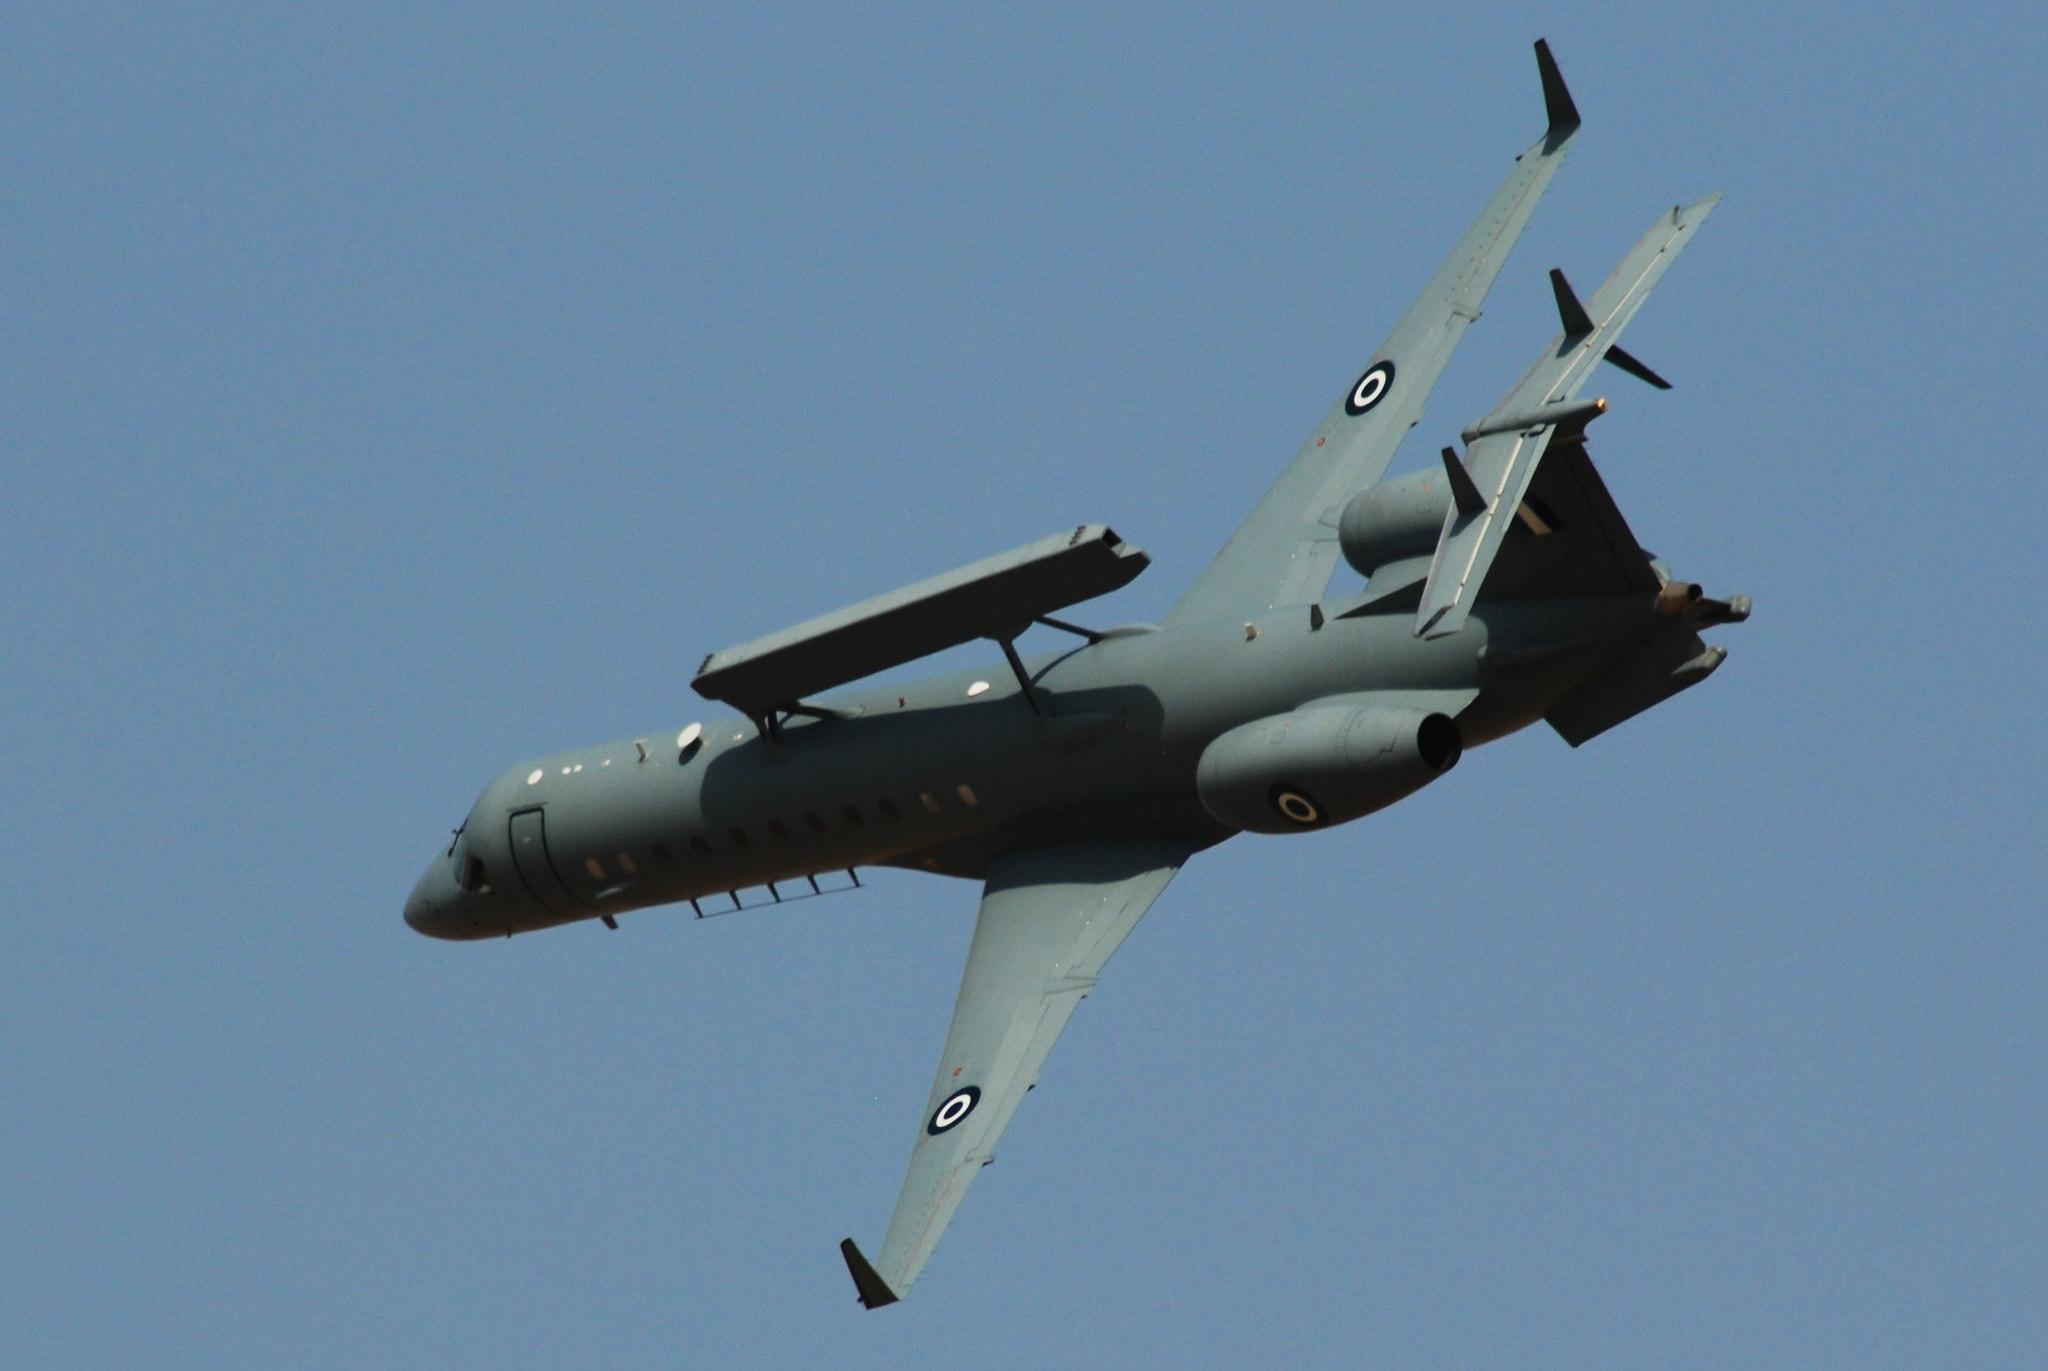 ΥΕΘΑ: Τι είπε για την υποστήριξη αεροσκαφών ΑΣΕΠΕ της Πολεμικής Αεροπορίας